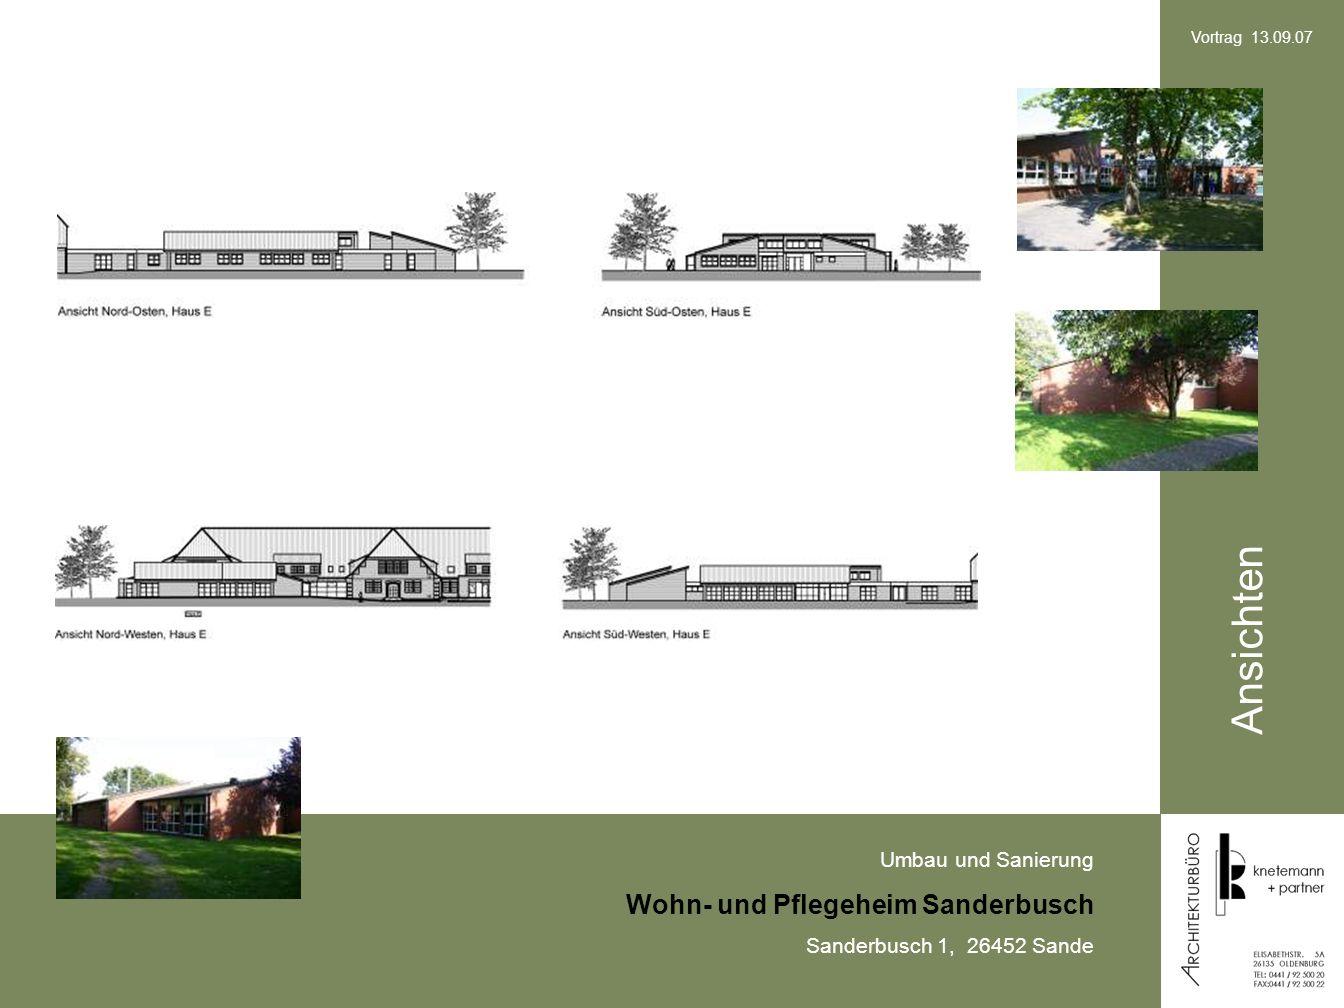 Umbau und Sanierung Wohn- und Pflegeheim Sanderbusch Sanderbusch 1, 26452 Sande Vortrag 13.09.07 Ansichten